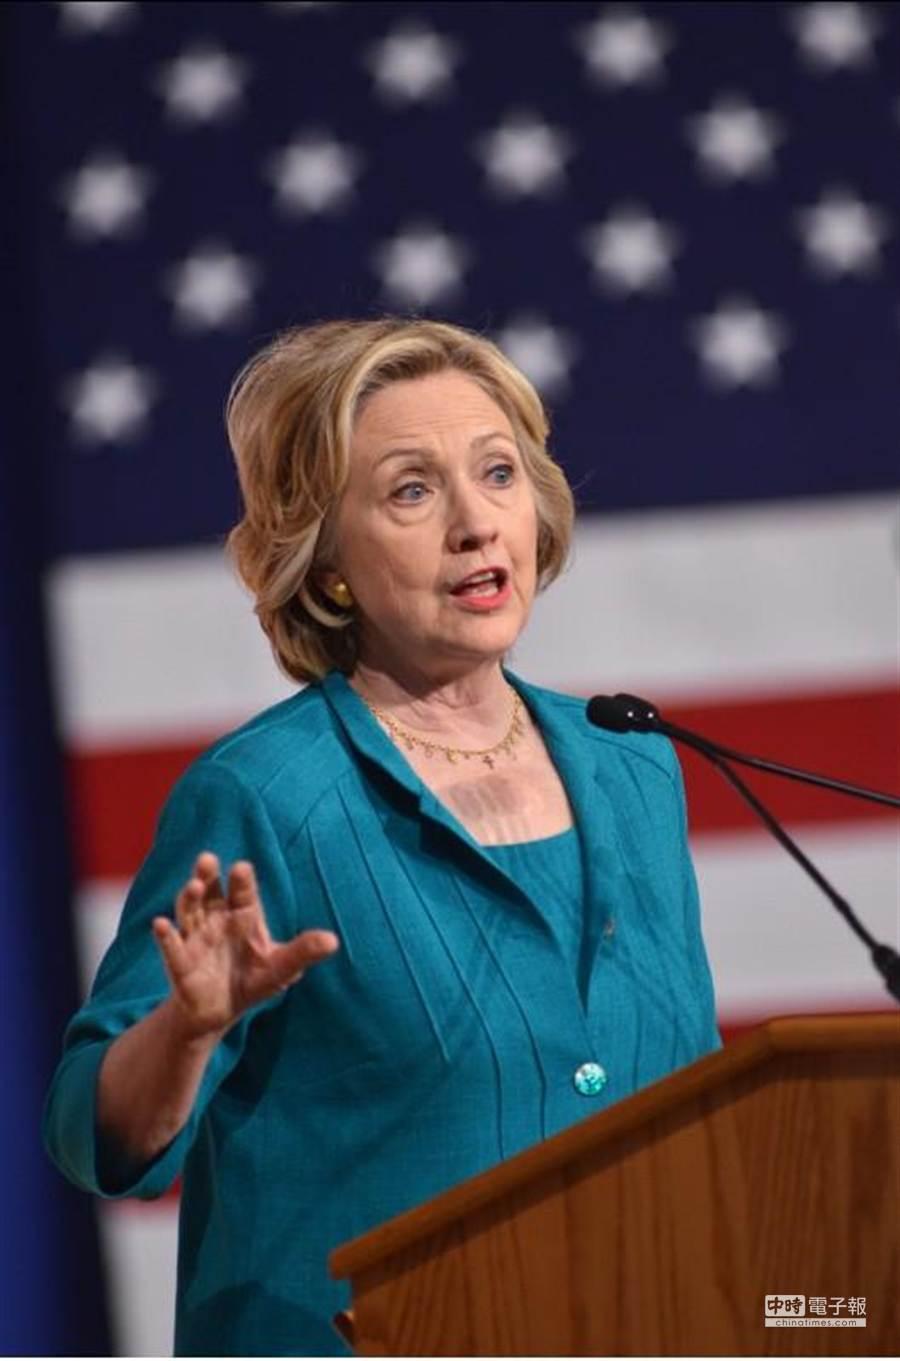 美國民主黨下屆總統參選人希拉蕊呼籲國會加速解除對古巴禁運。《紐約時報》報導,副總統拜登有意出馬挑戰希拉蕊。(美聯社)